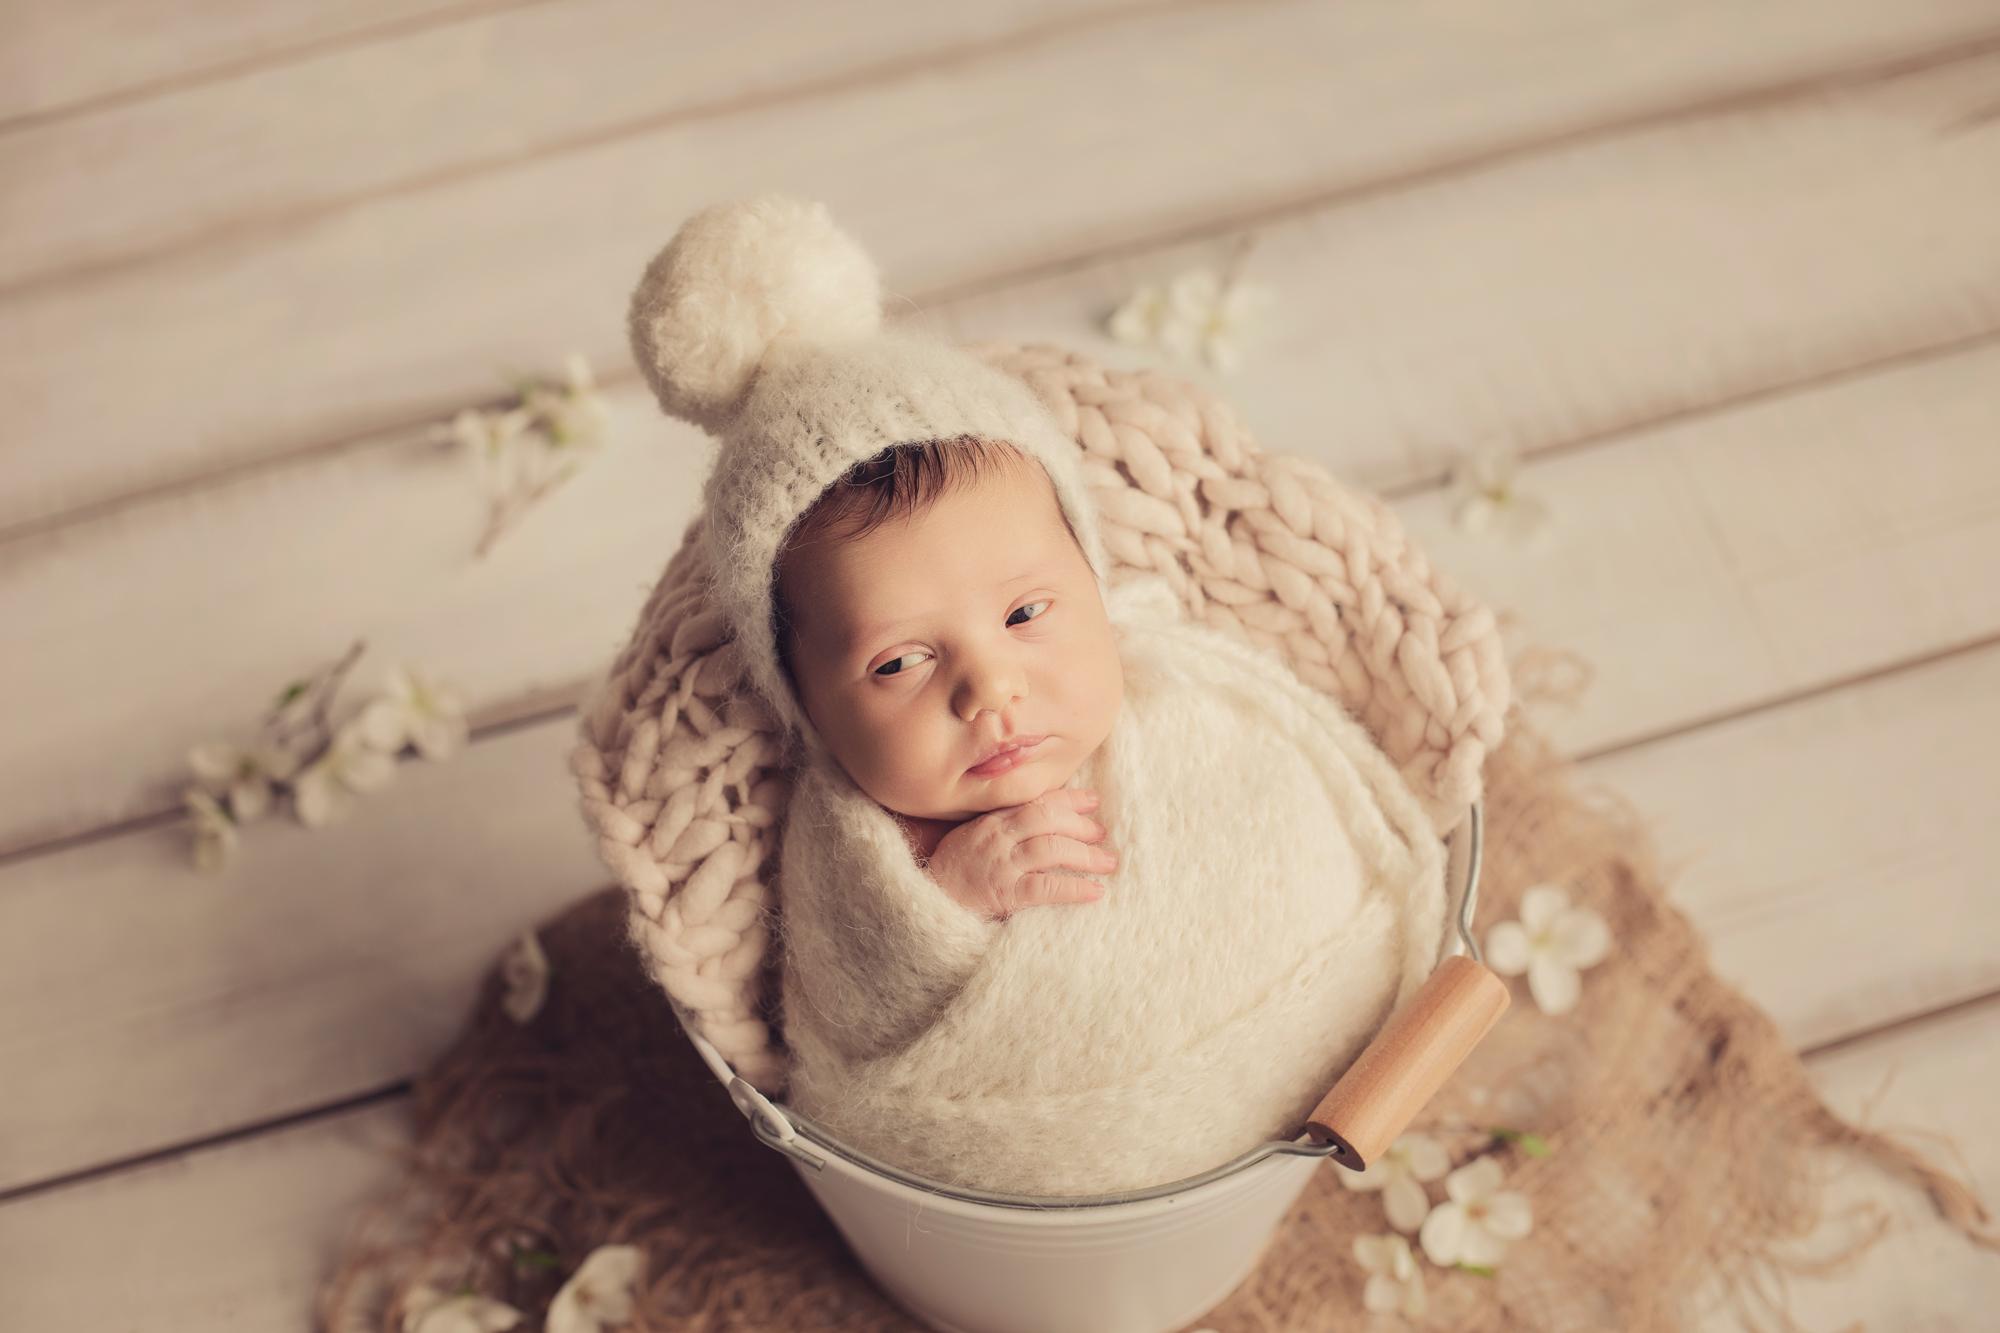 Contate Hallo Studio - Fotografia de recém-nascidos, grávidas, bebés, crianças, famílias e batizados em Castelo Branco, Portugal